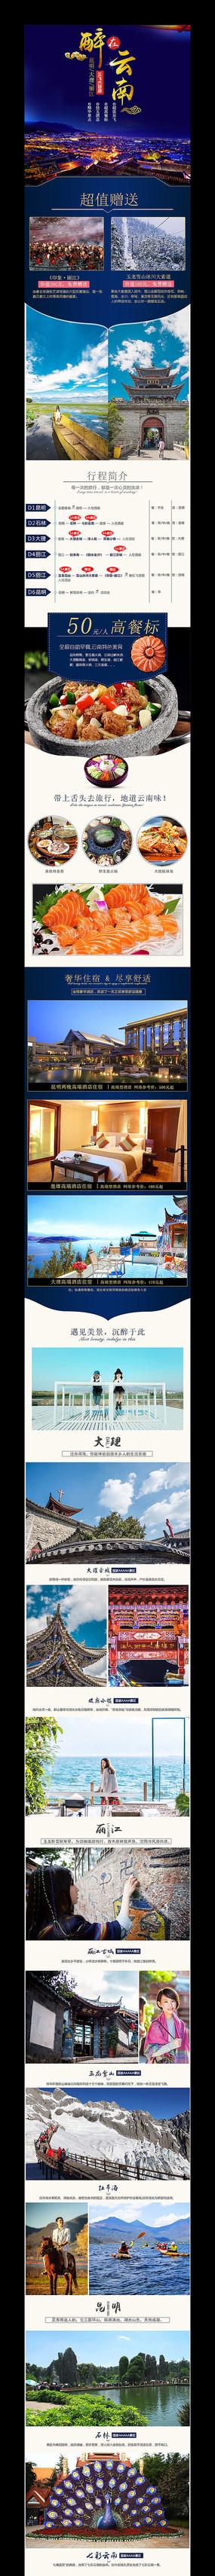 淘宝云南旅游详情页描述模板 PSD